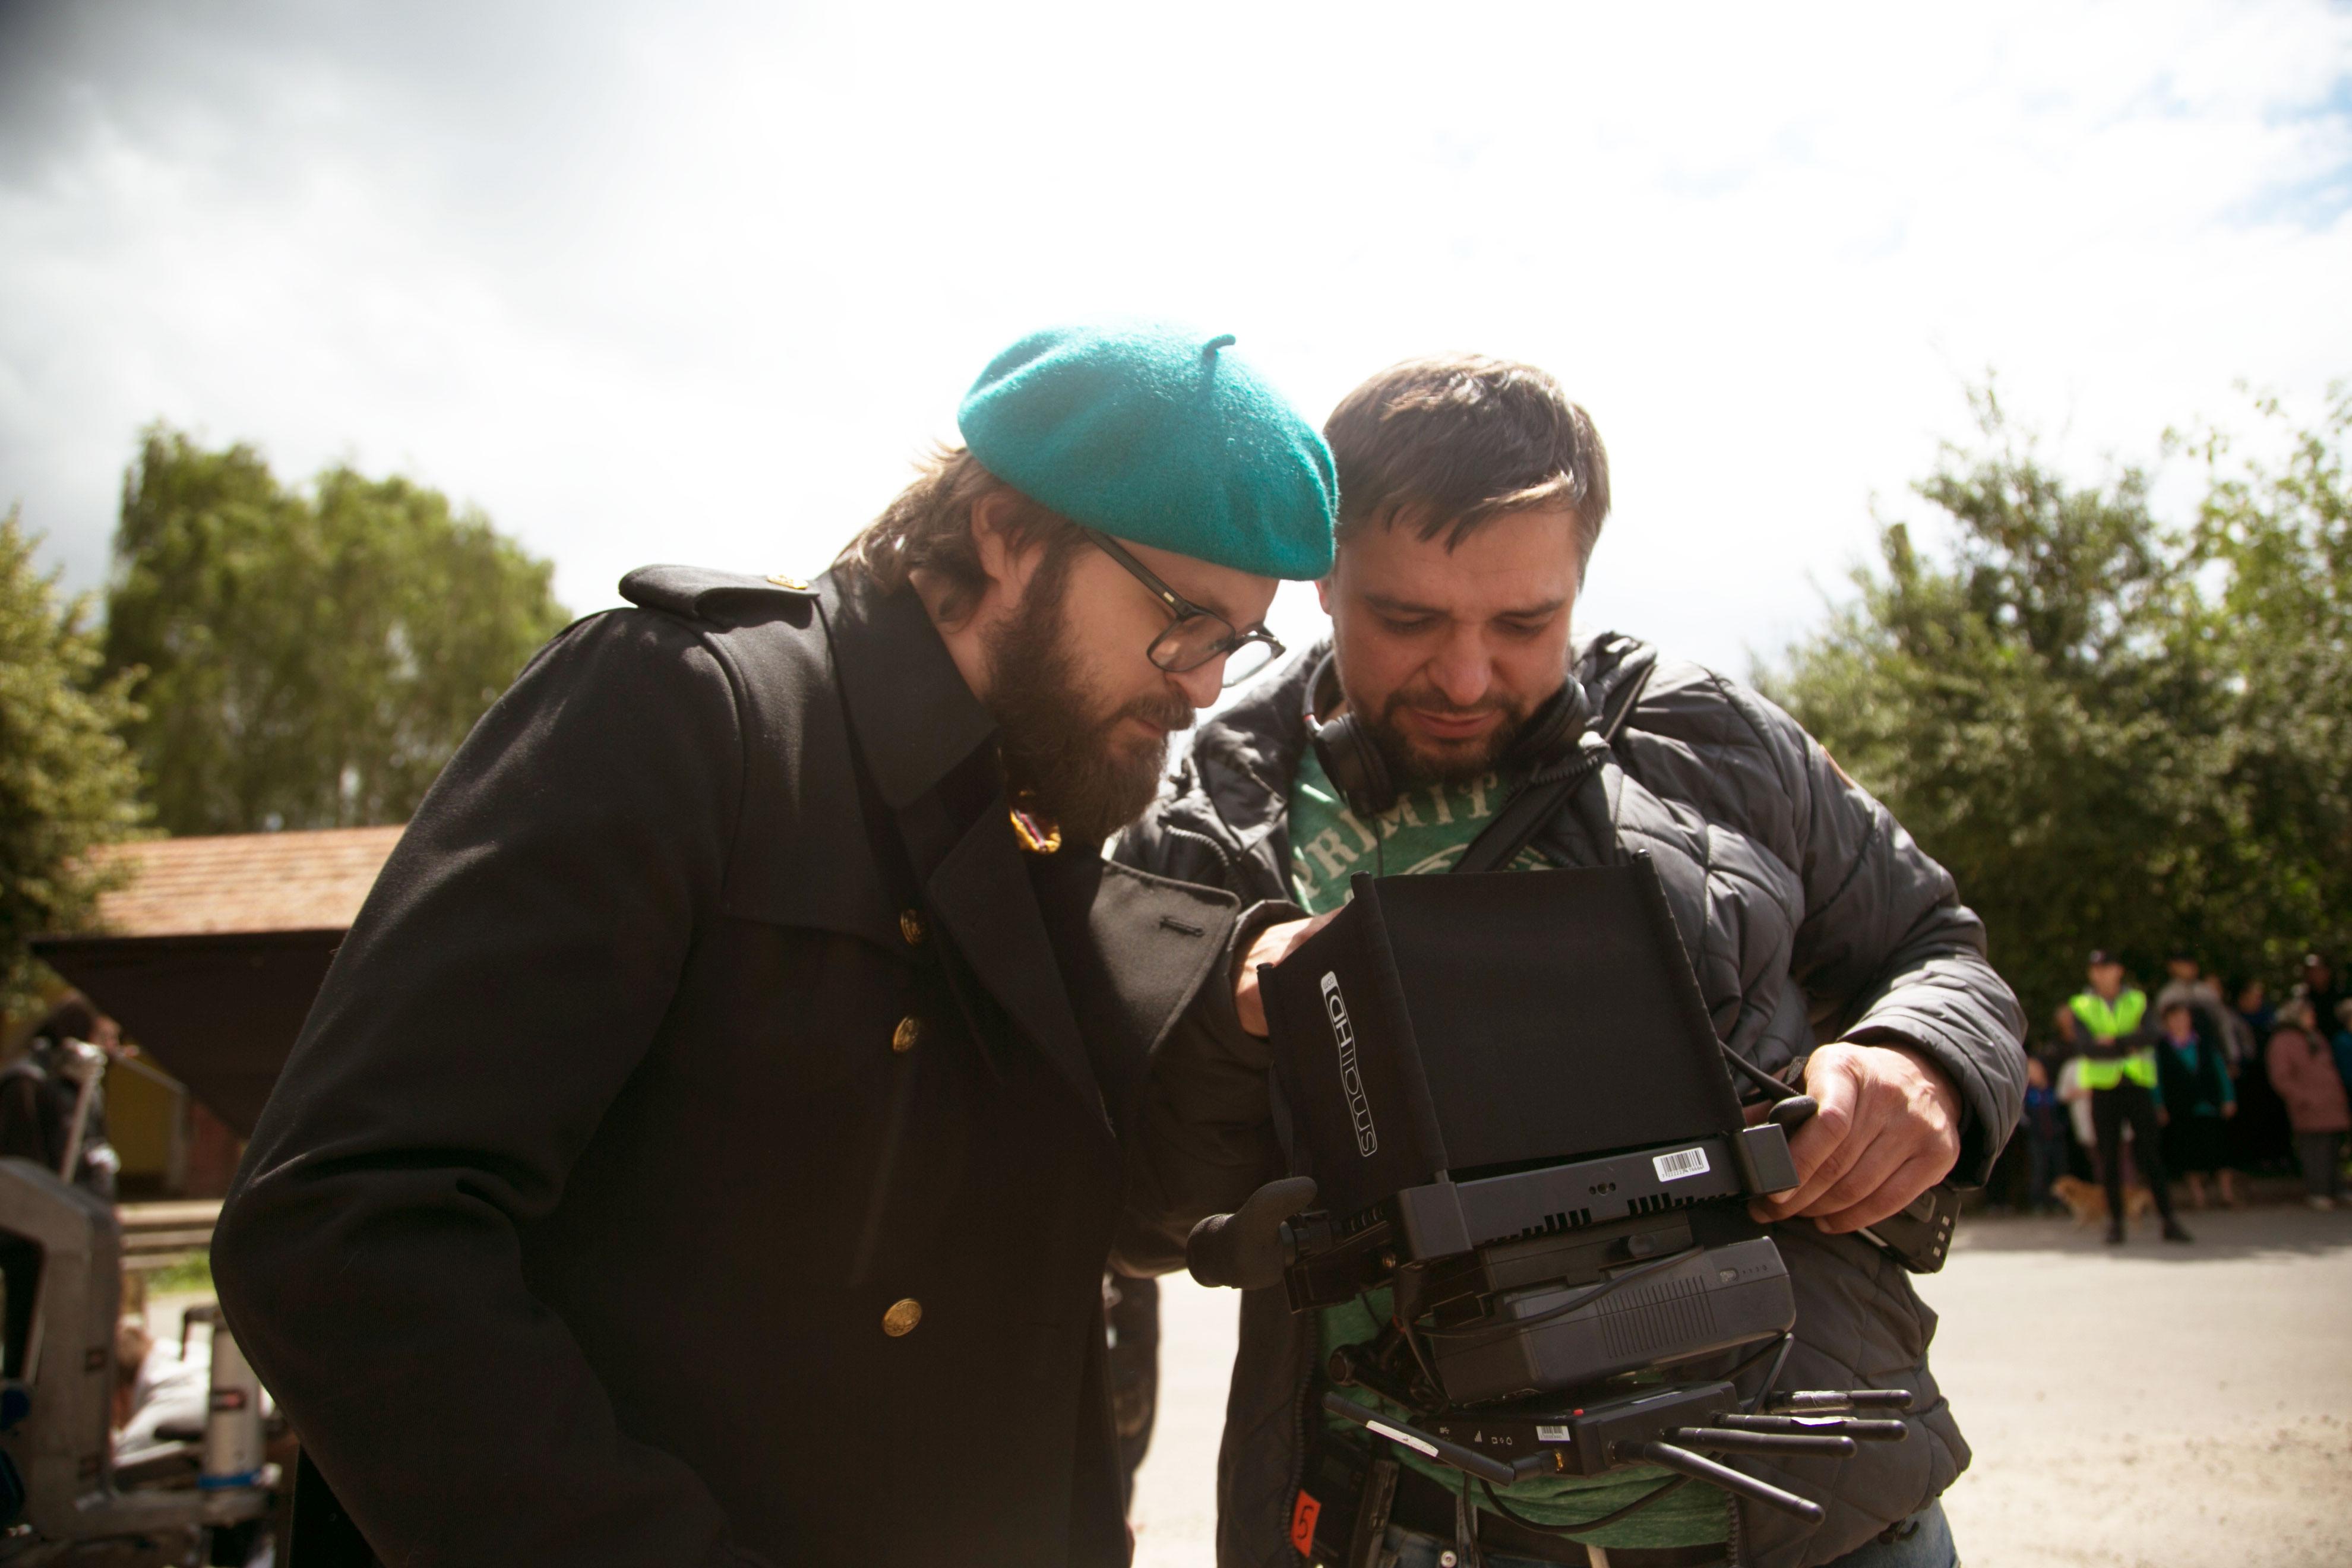 Дзидзьо: «Если государство дает деньги на фильмы, то пусть эти фильмы будут в бесплатном доступе в интернете»